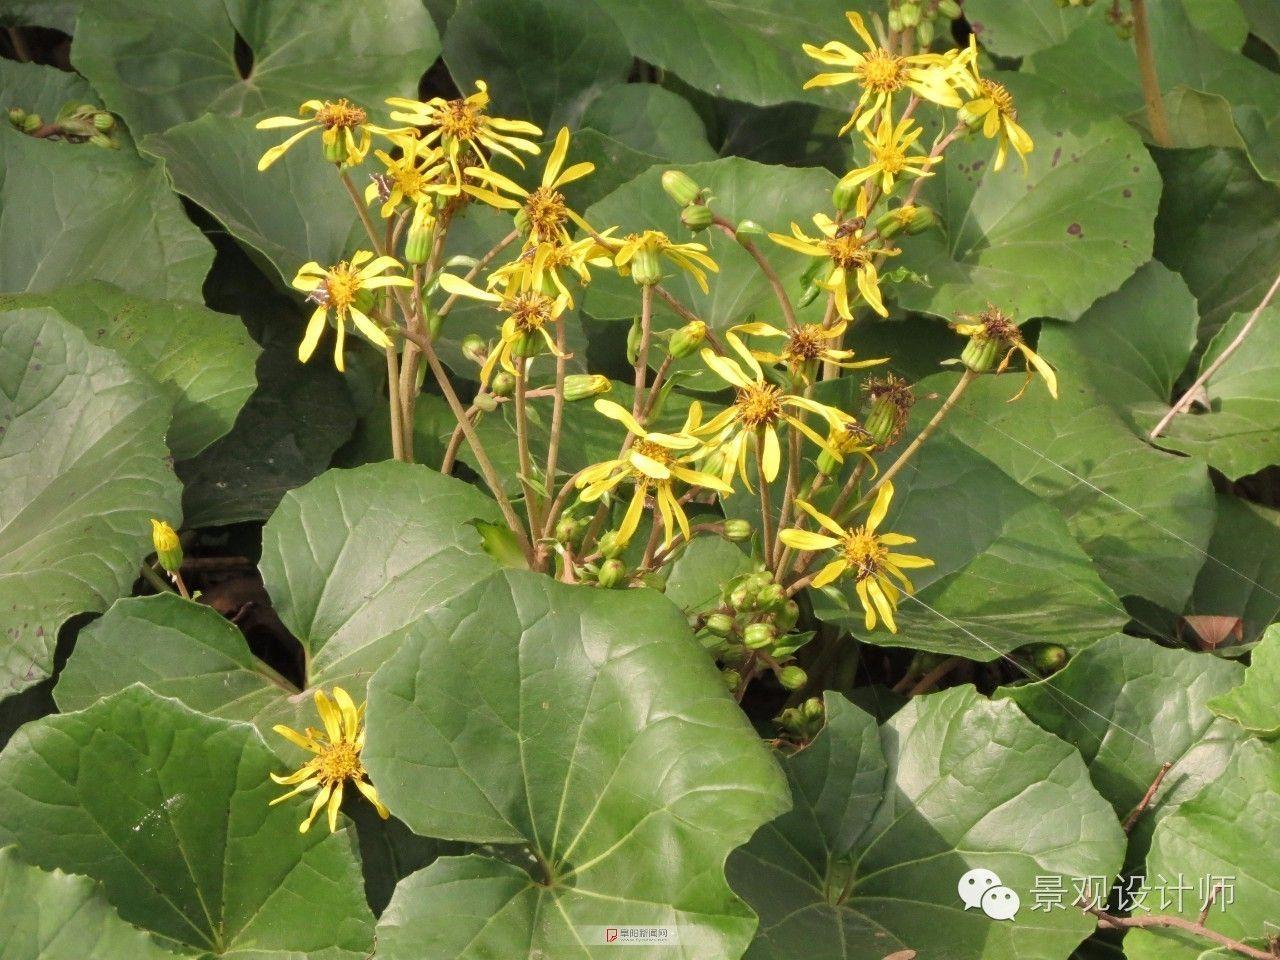 常见室内盆栽植物